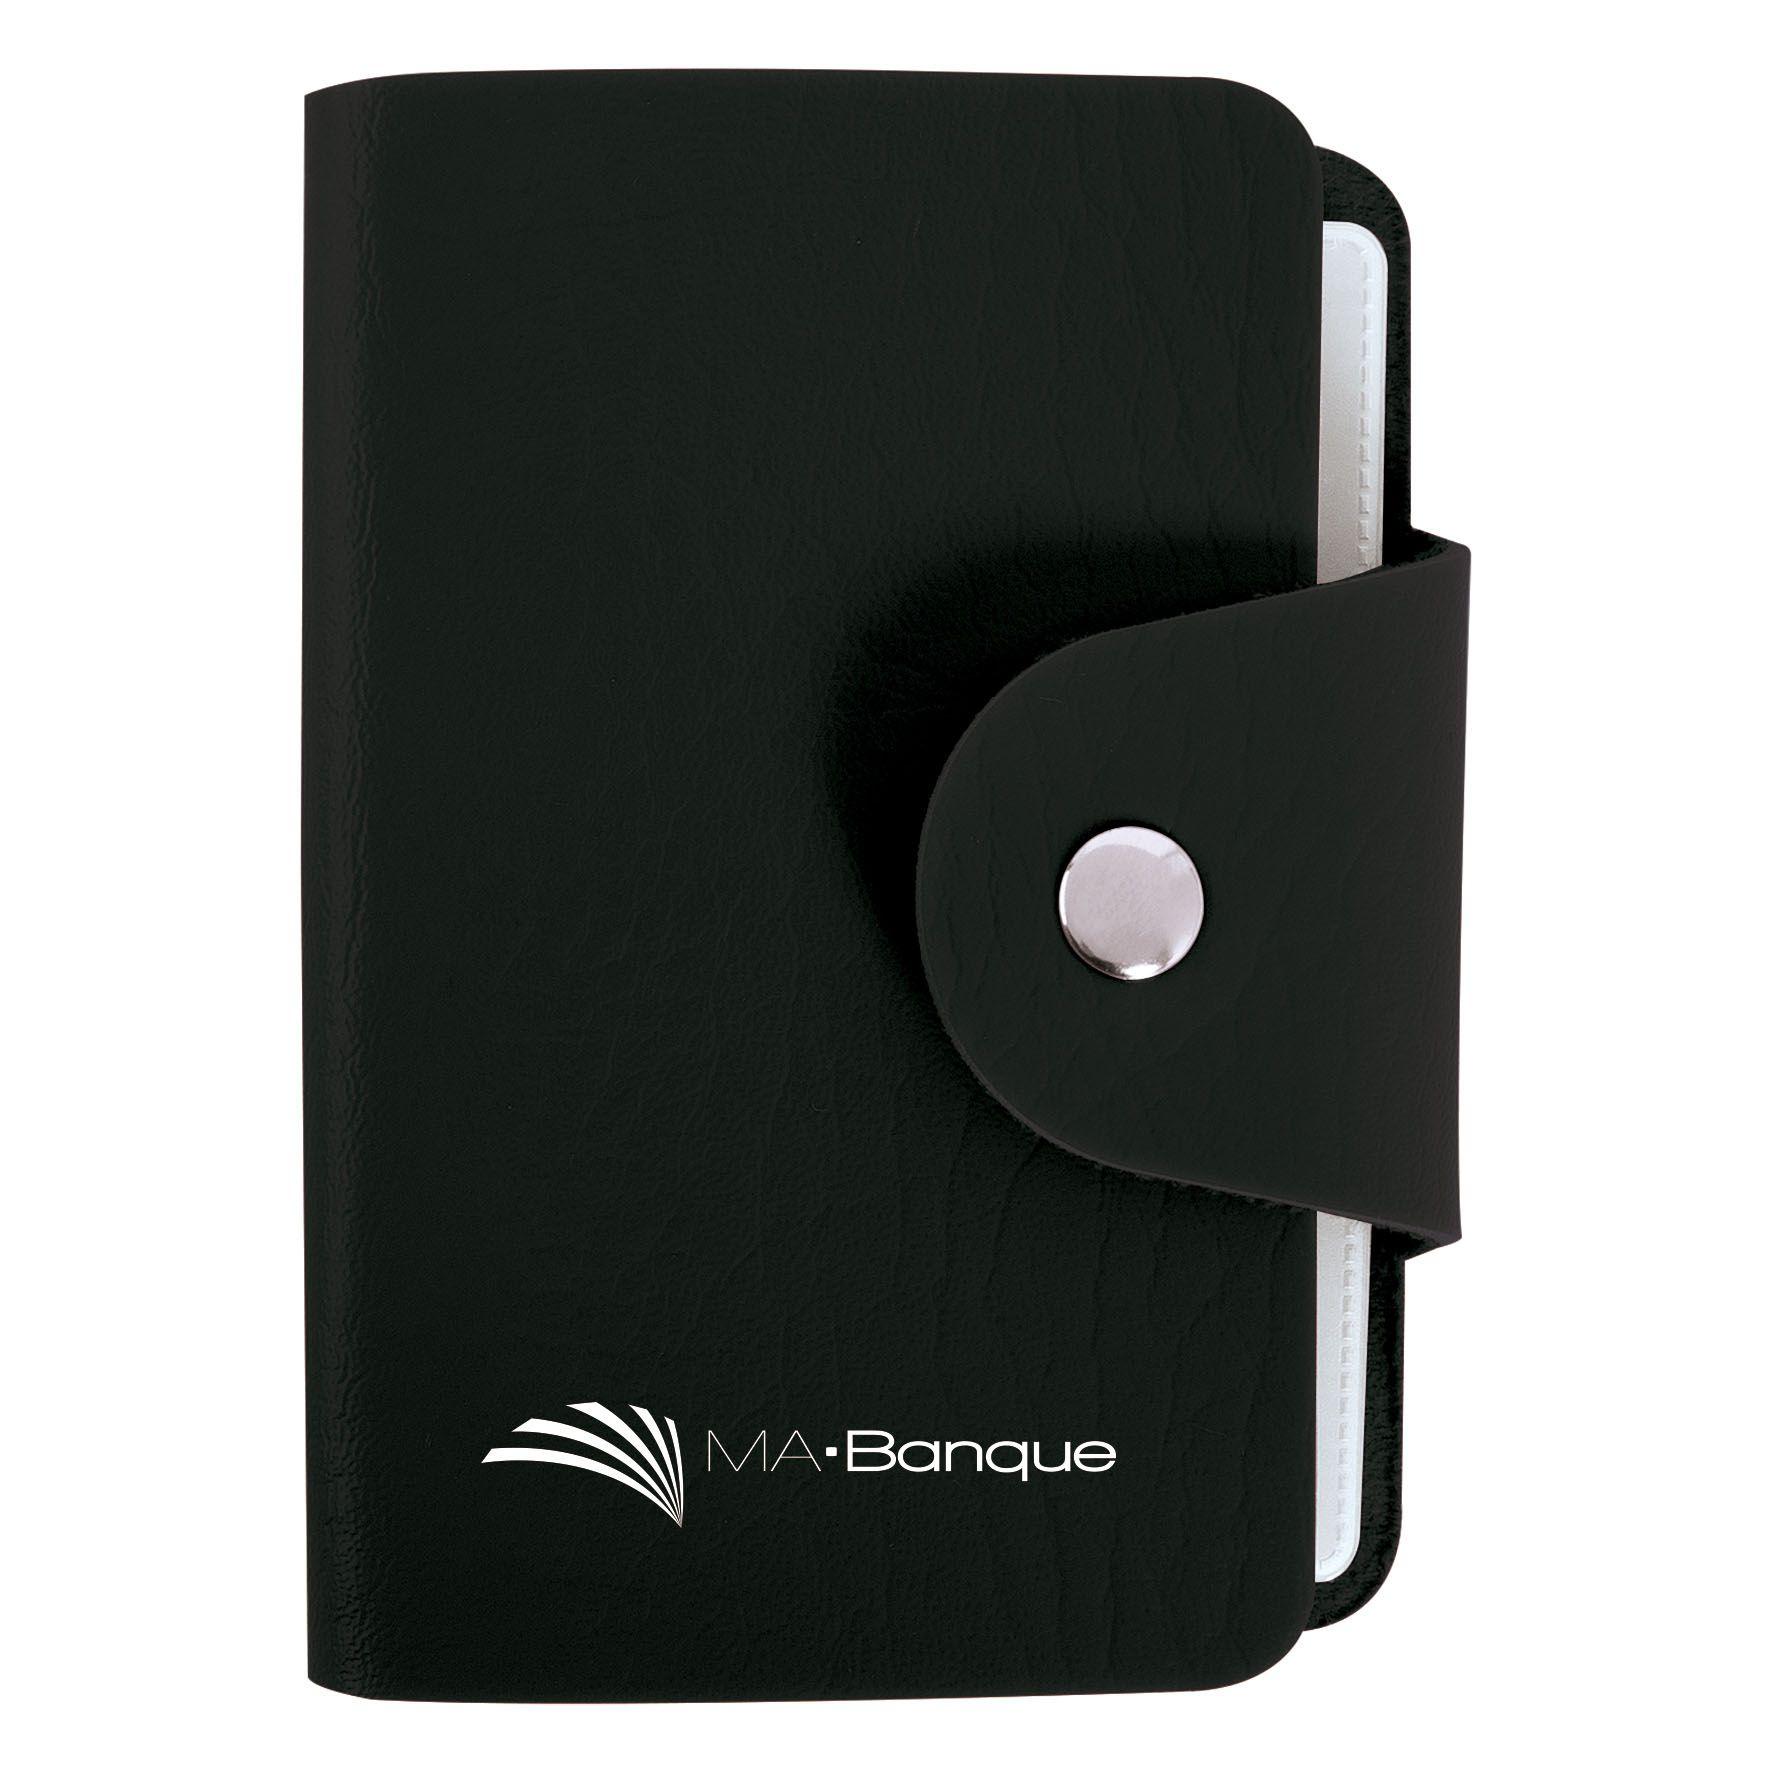 Objet promotionnel - Porte-cartes publicitaire 12 poches - noir